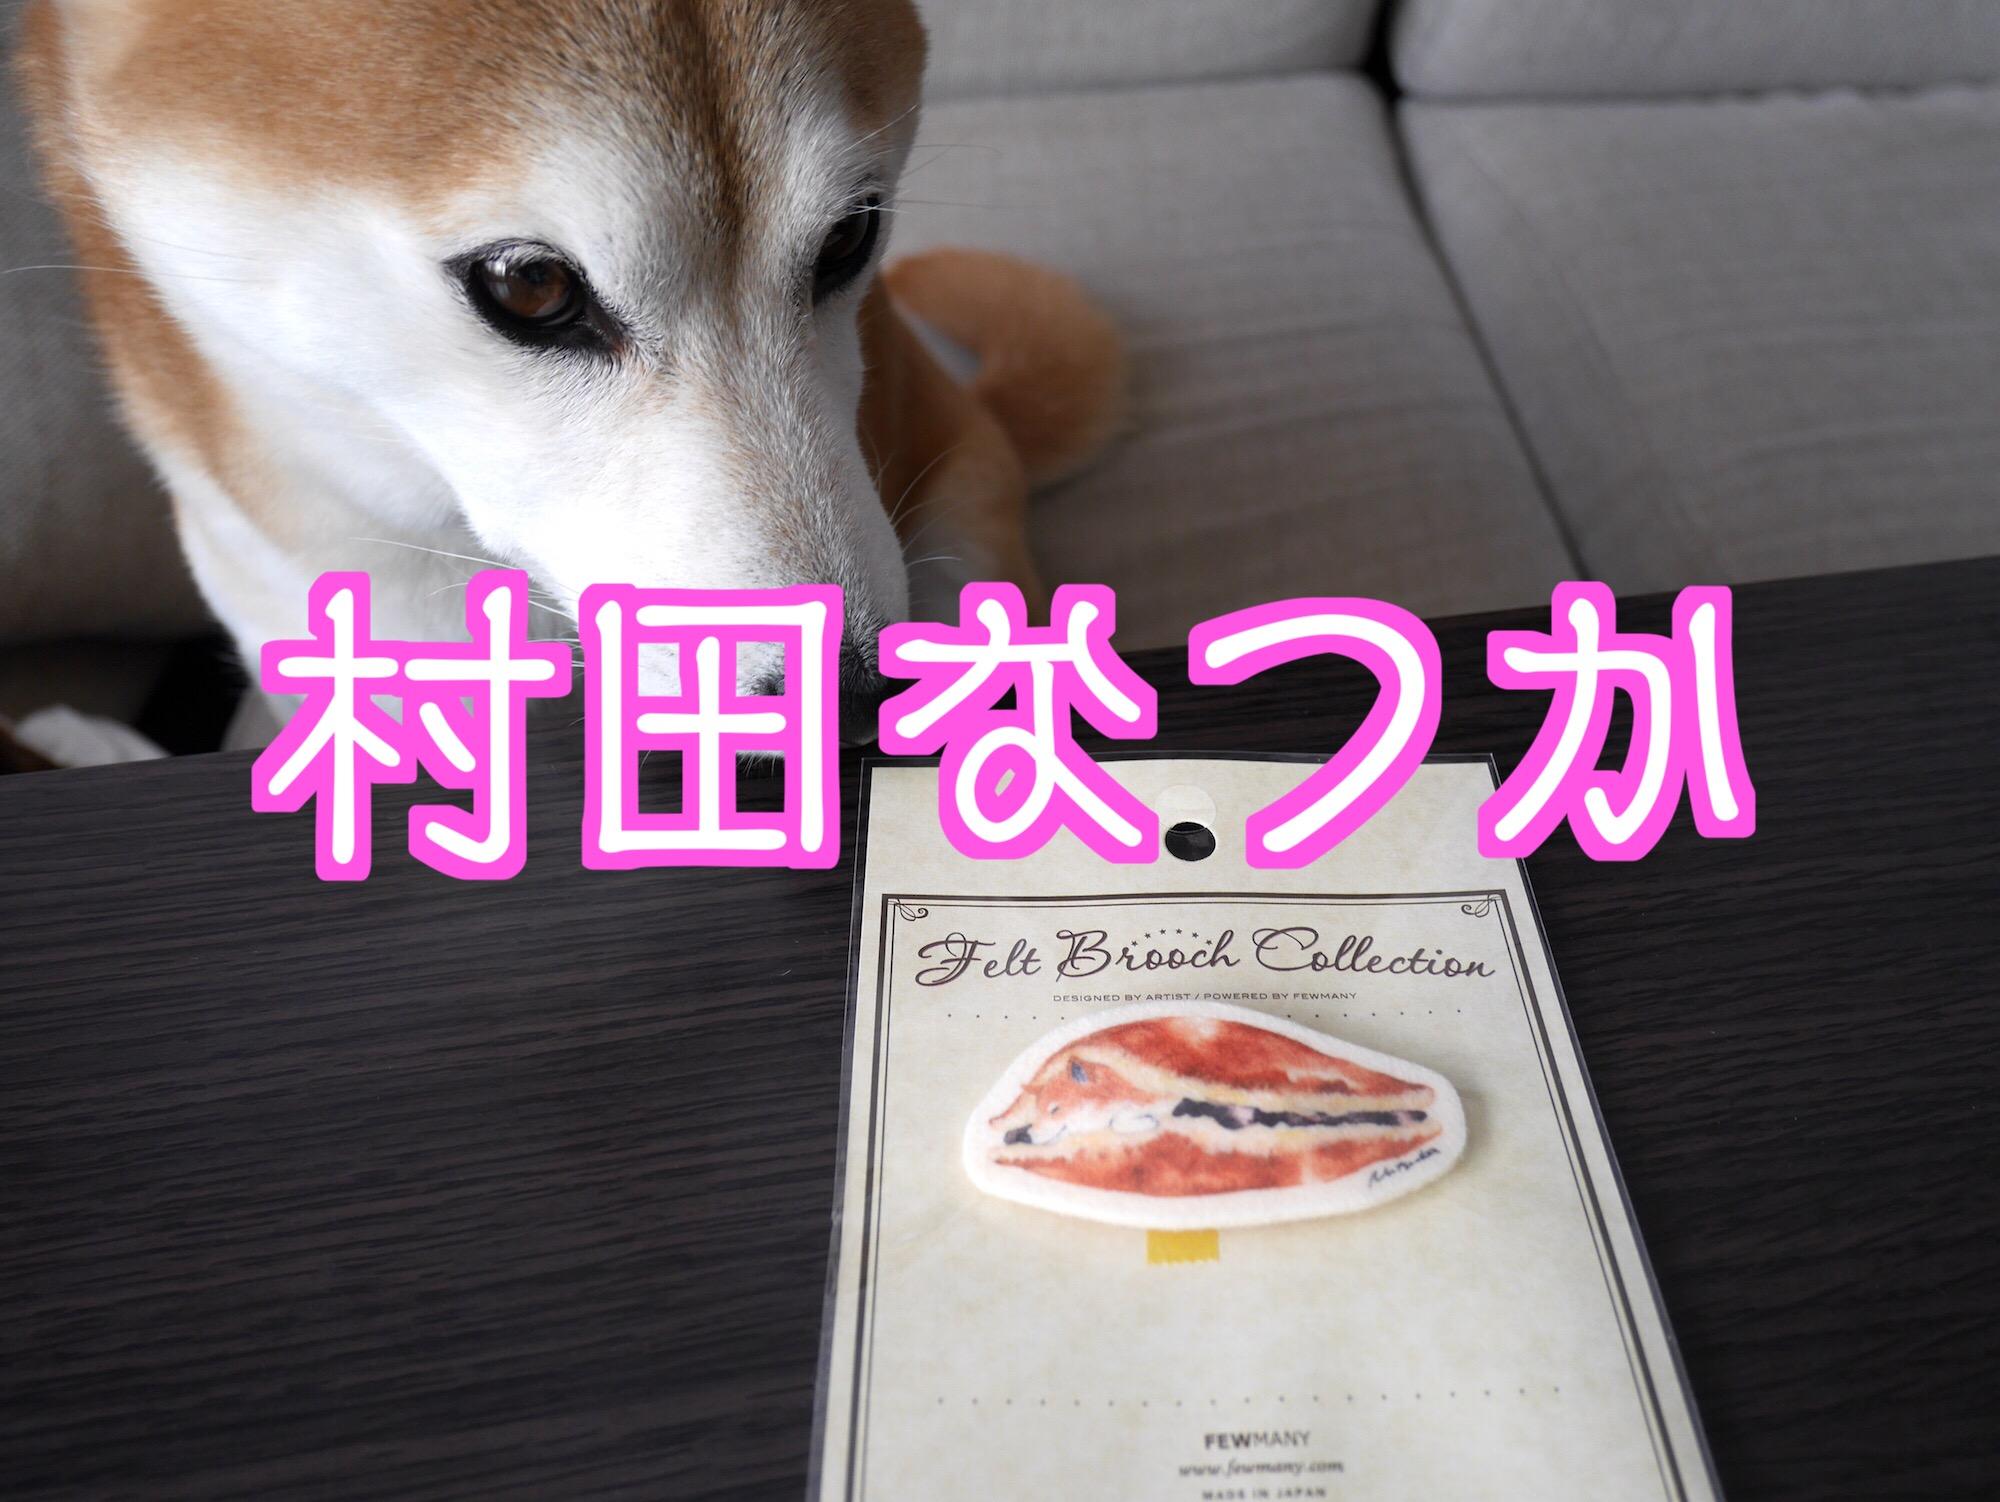 村田なつかさんの描く柴犬が可愛すぎるのでフエルトブローチを買ってみた!